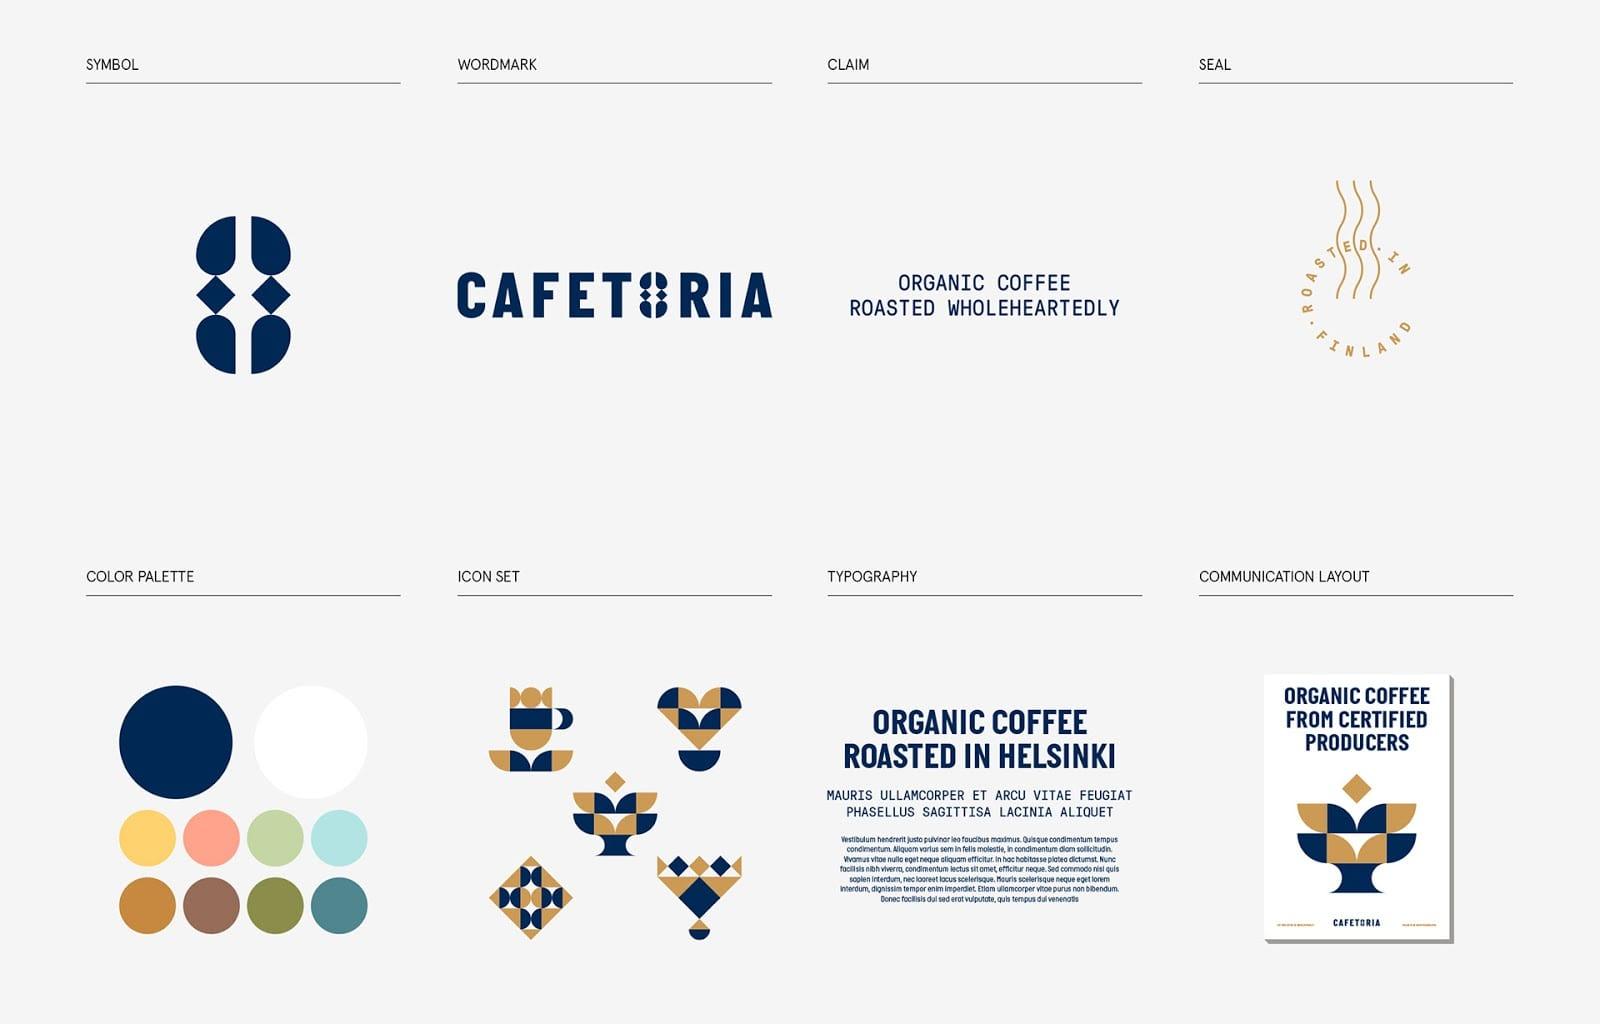 Cafetoria 06 - Ach, tie obaly – Cafetoria